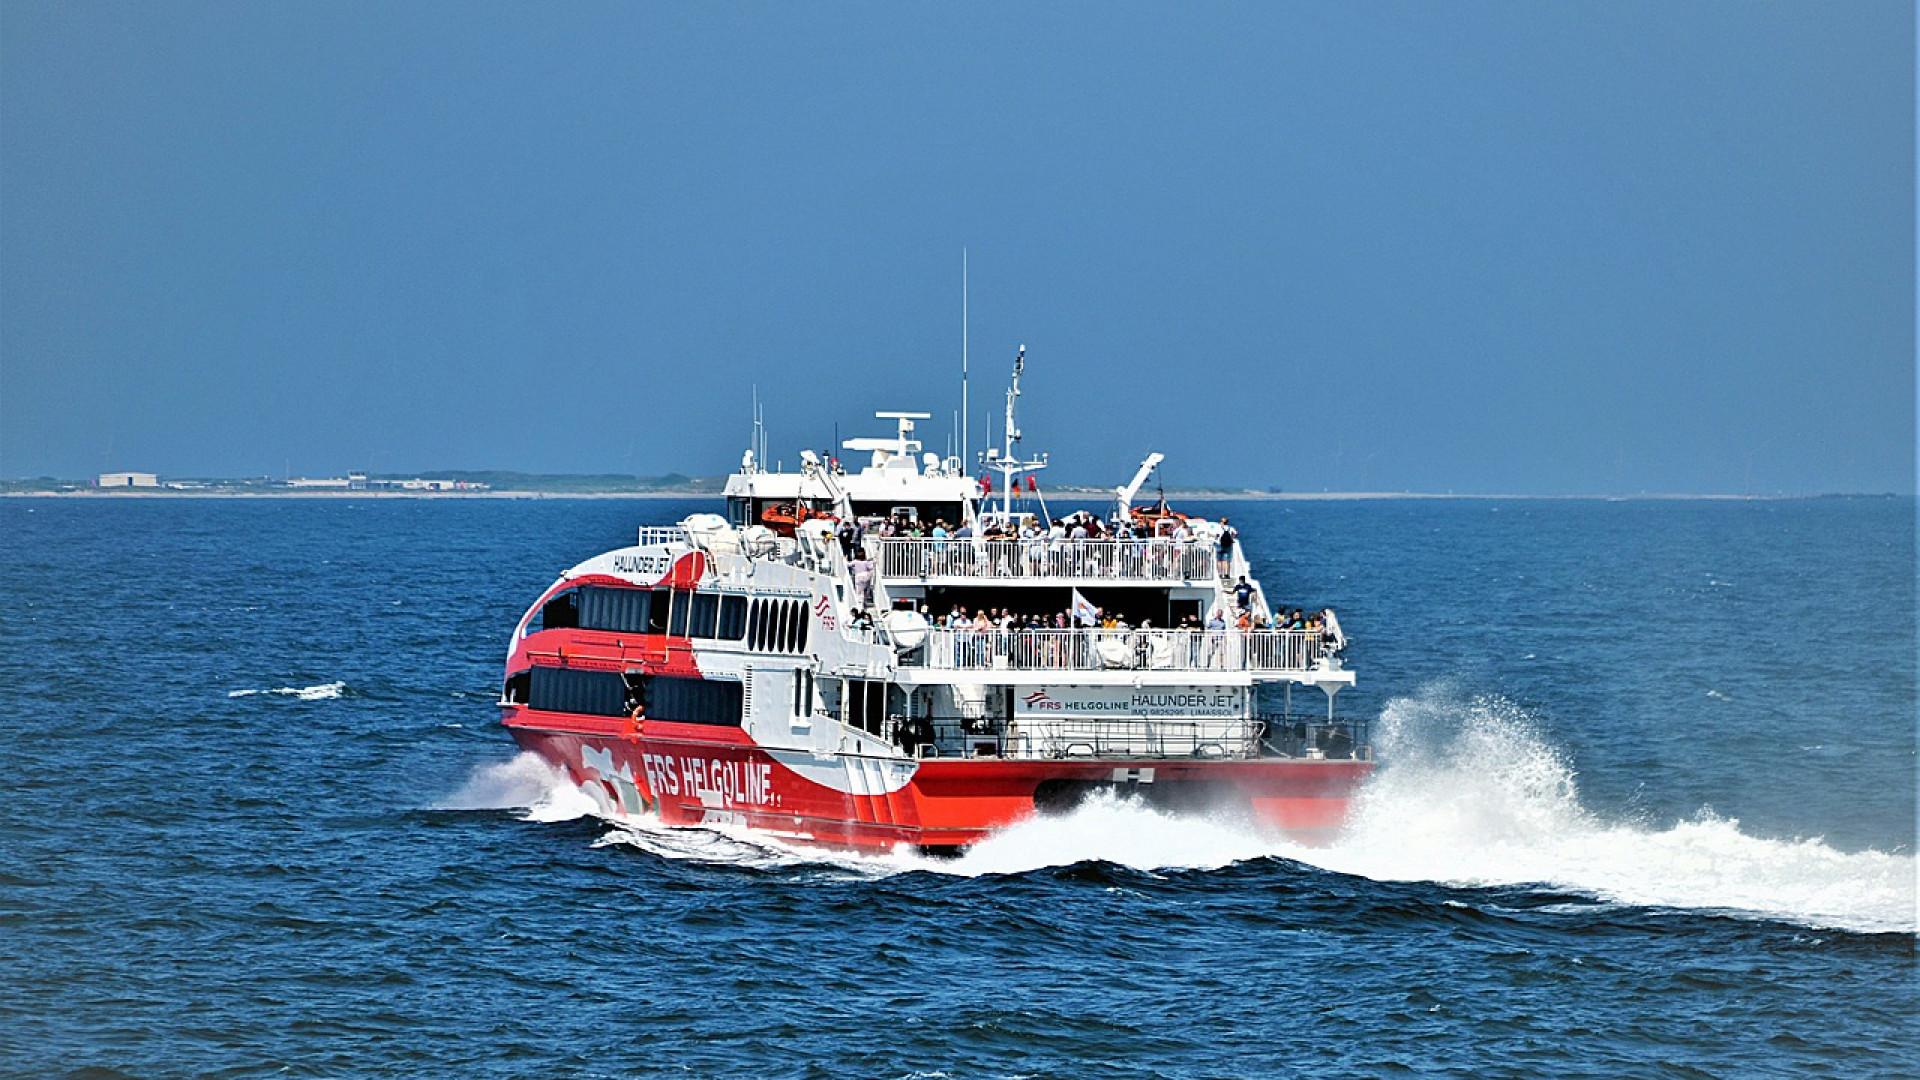 Quels sont les avantages de s'offrir un catamaran ?